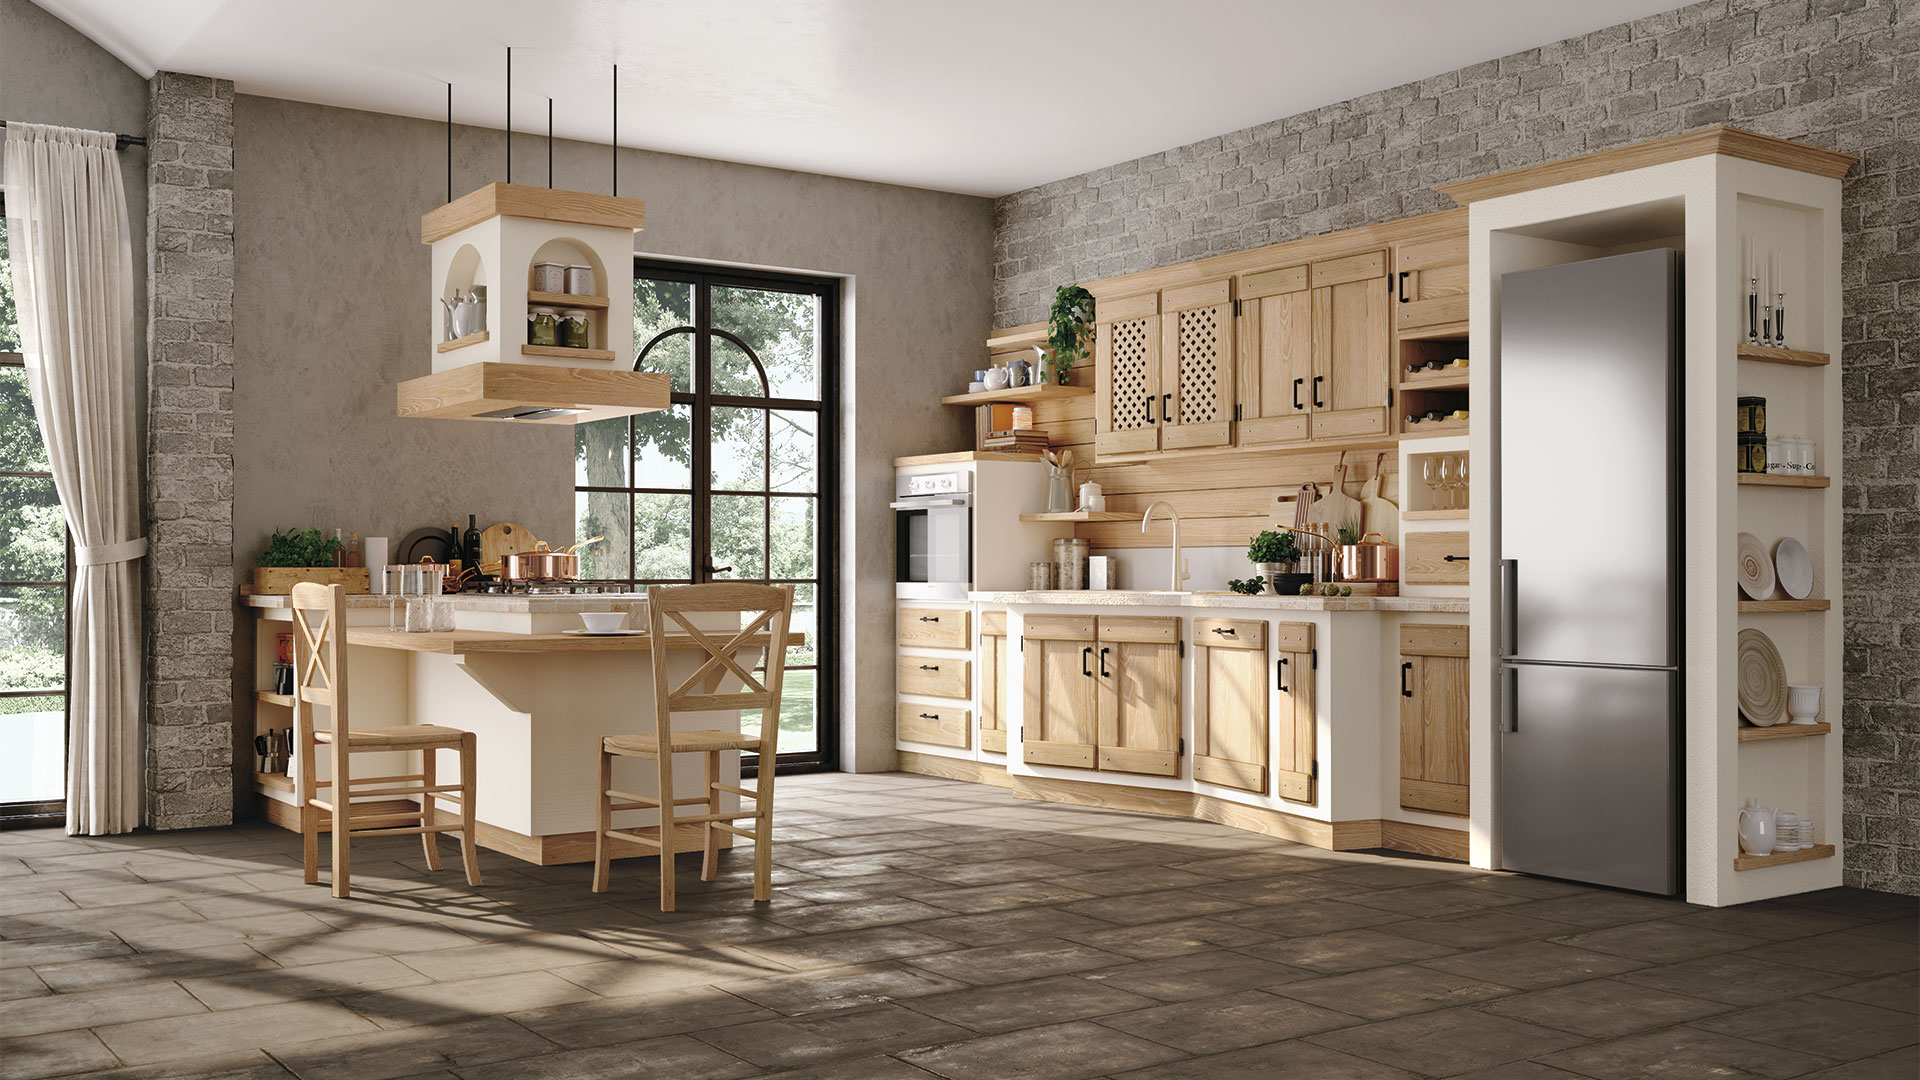 Telaio Per Ante Cucina Muratura.Anita Cucine Borgo Antico Cucine Lube